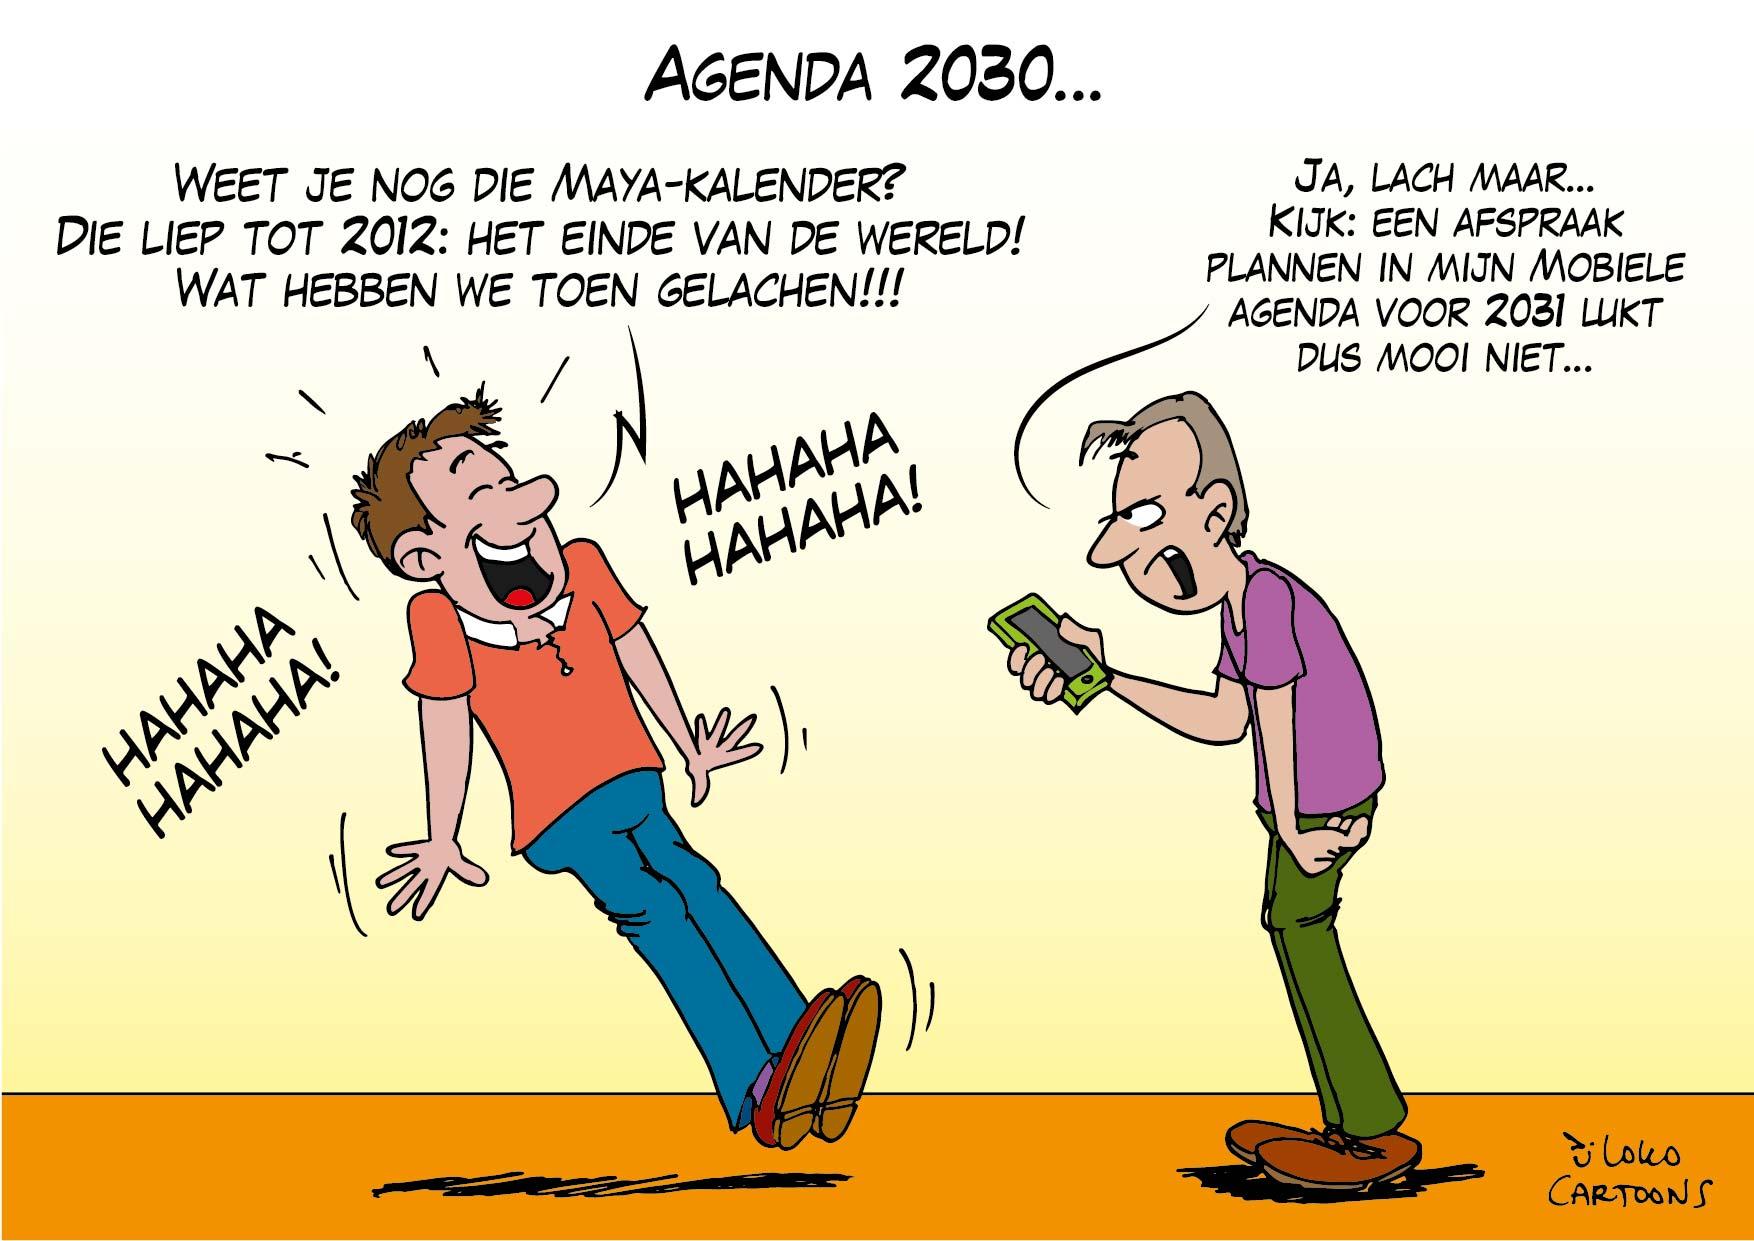 Agenda 2030…